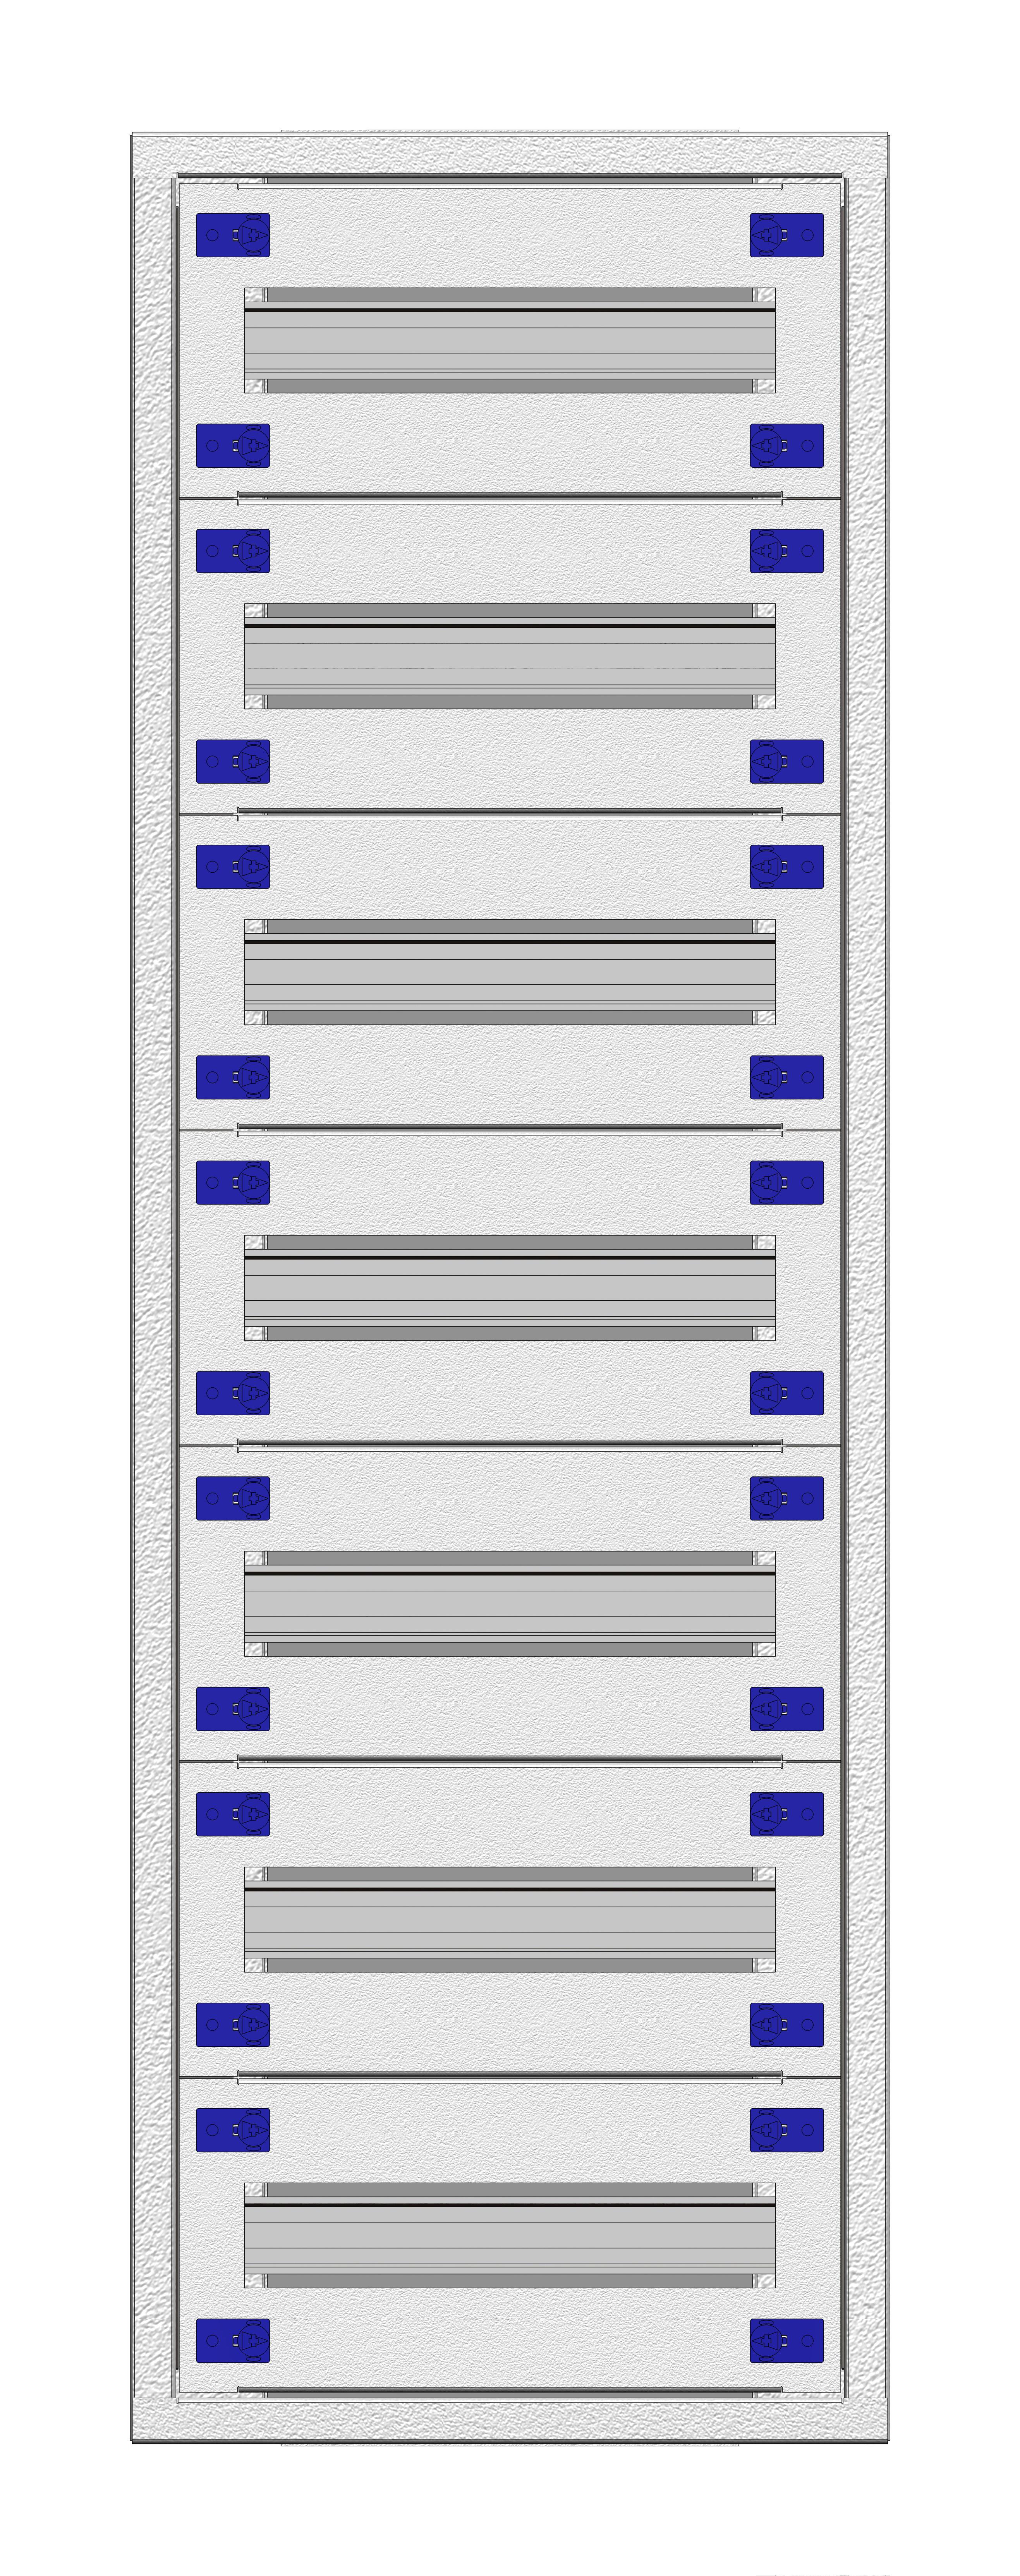 1 Stk Aufputz-Installationsverteiler 1A-21K, H1055B380T250mm IL172121AS